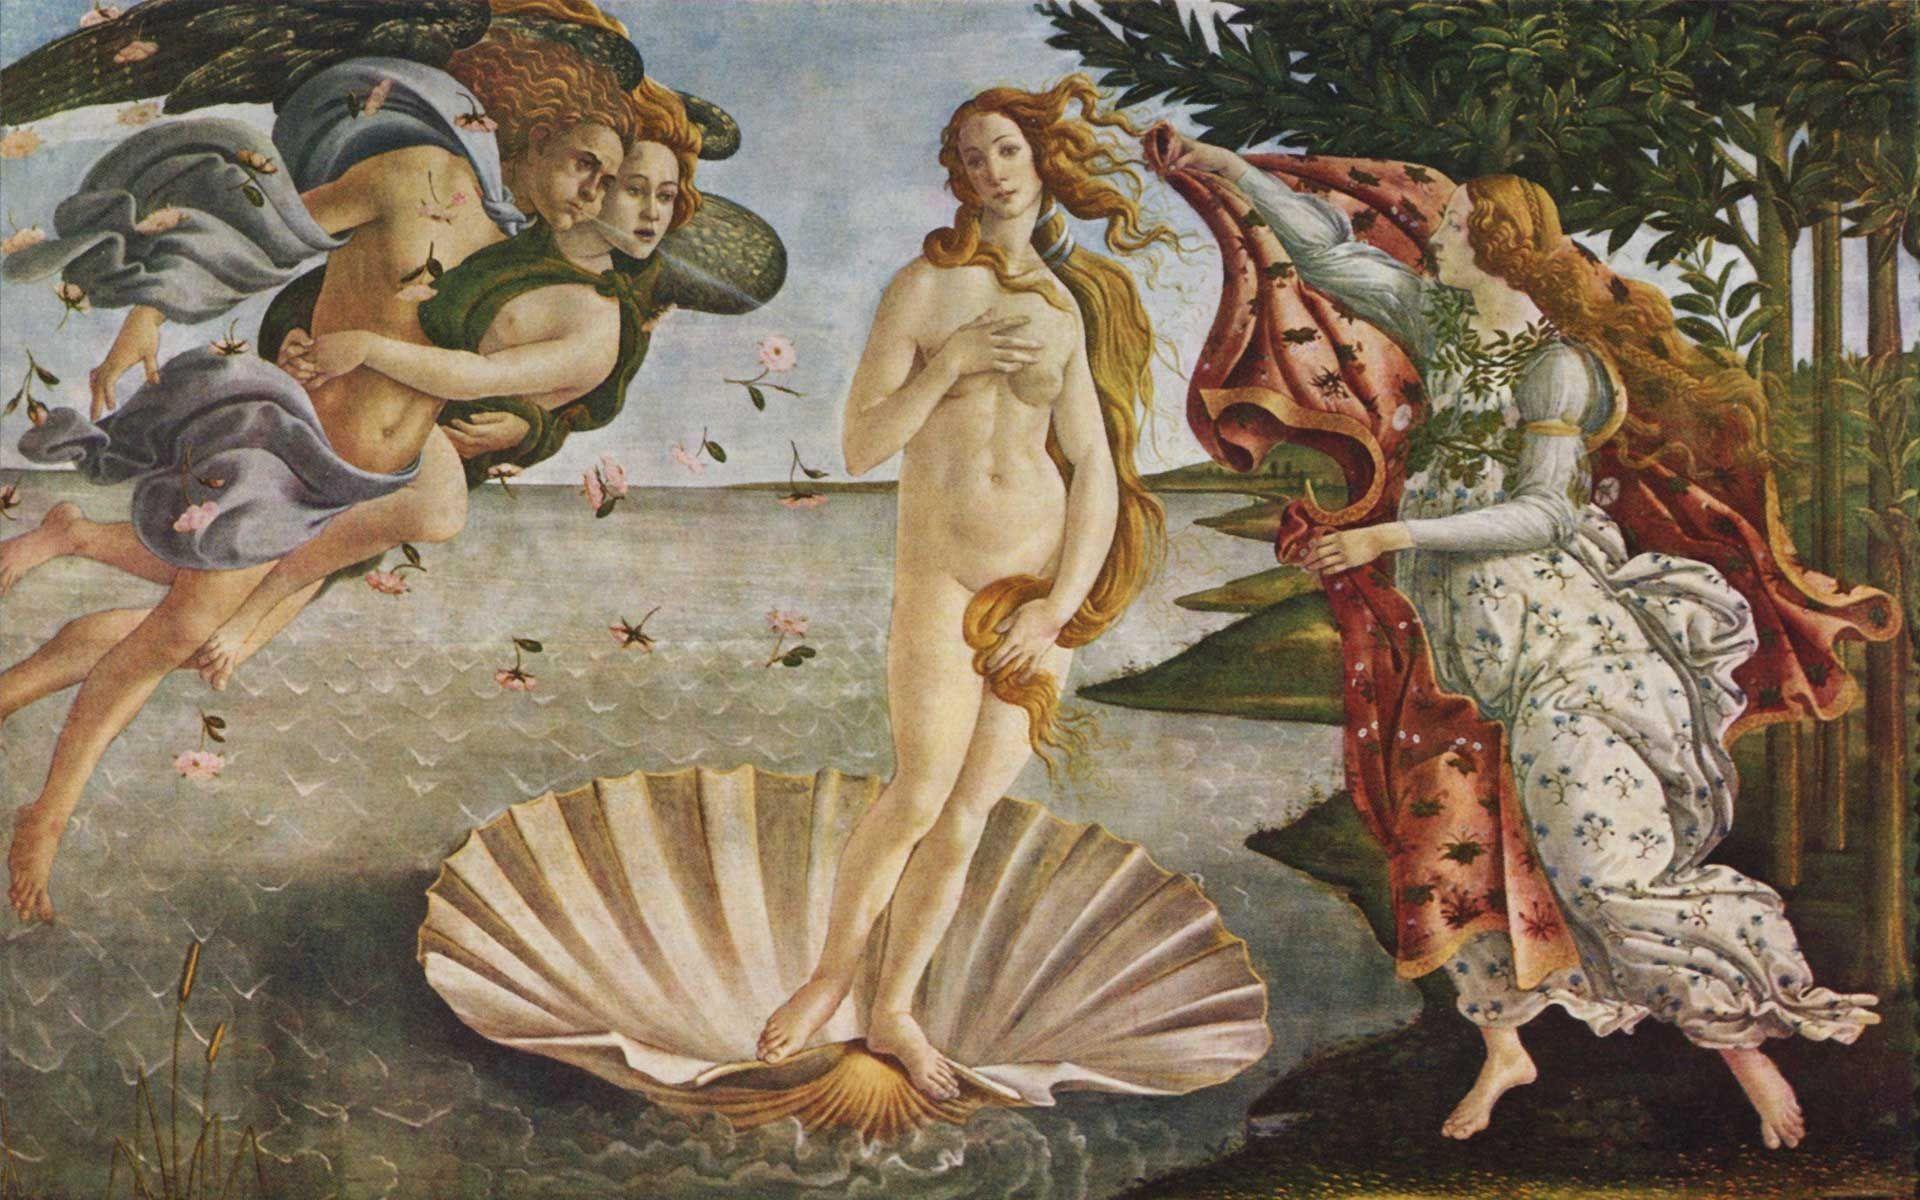 Wallpapers de Famosas Pinturas para tu Compu  Renacimiento Venus